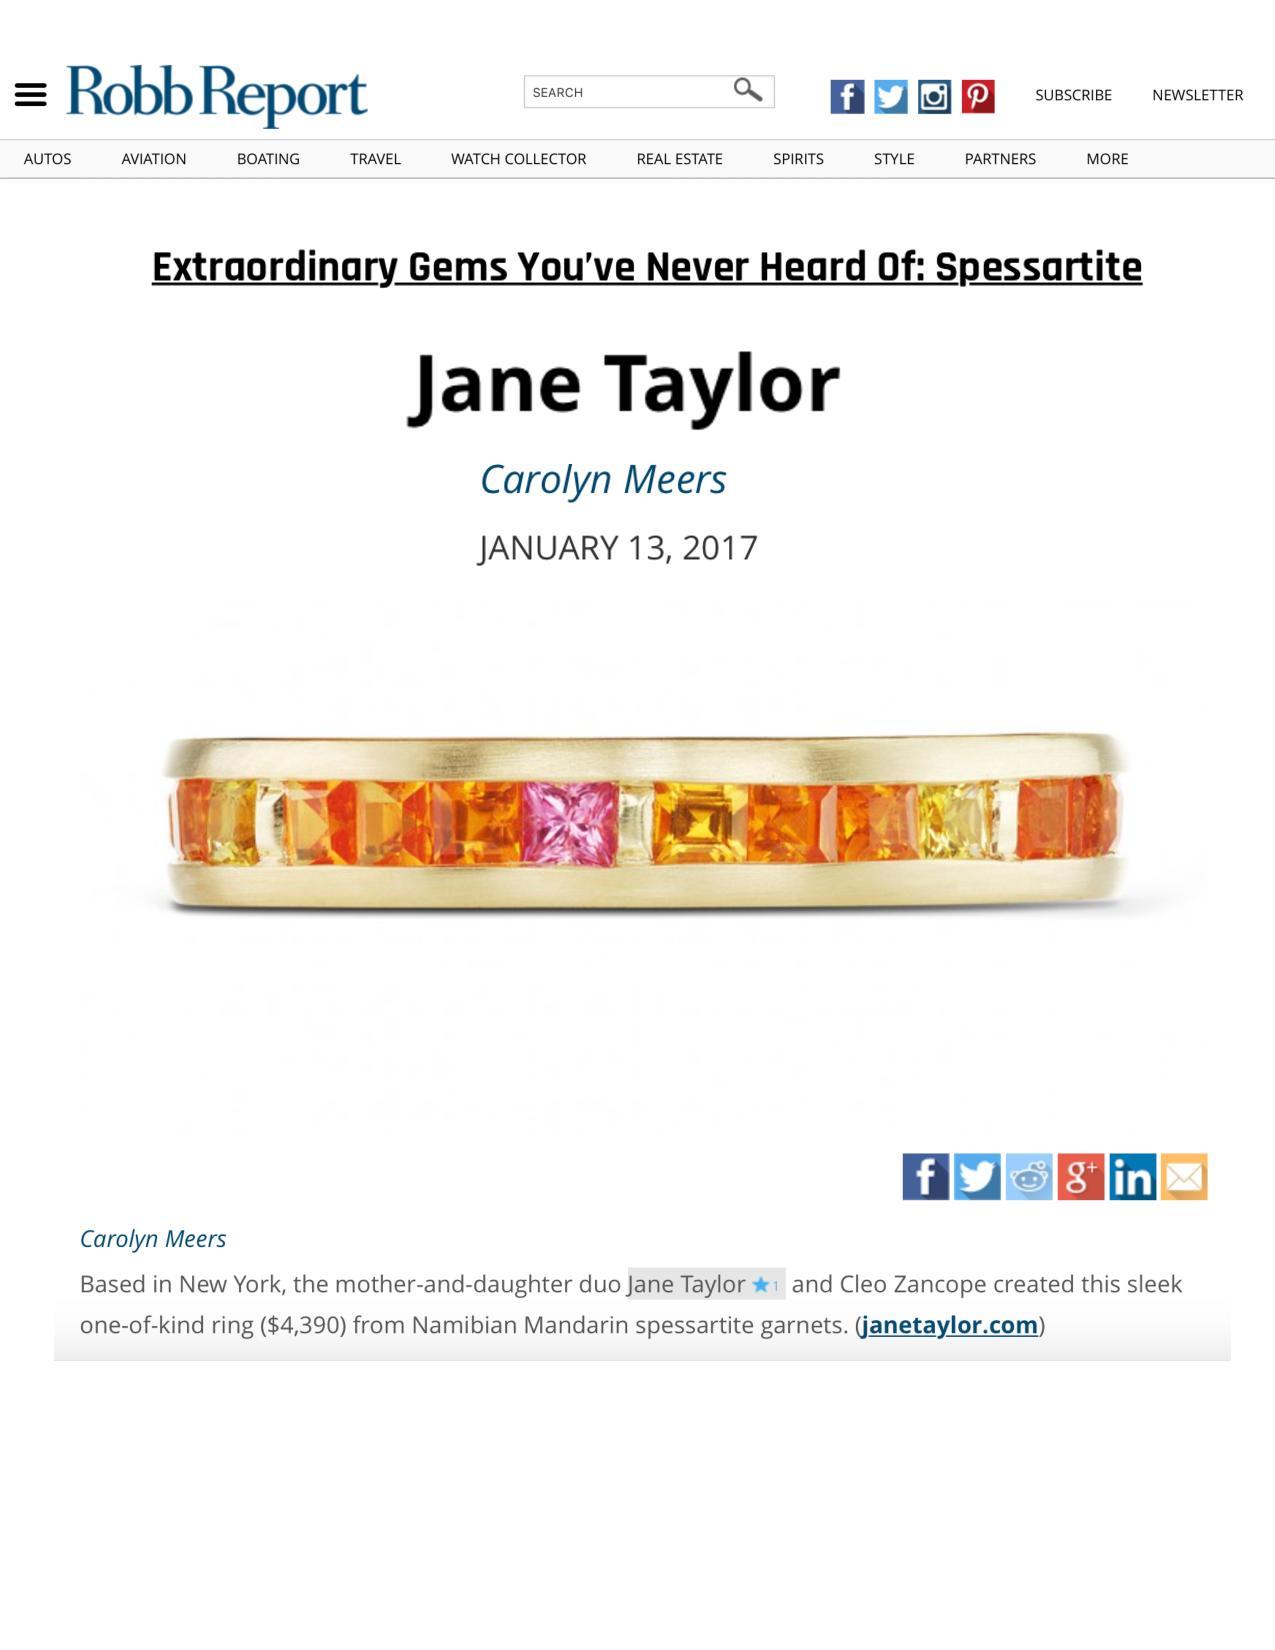 Jane Taylor Mandarin Garnet ring on RobbReport.com